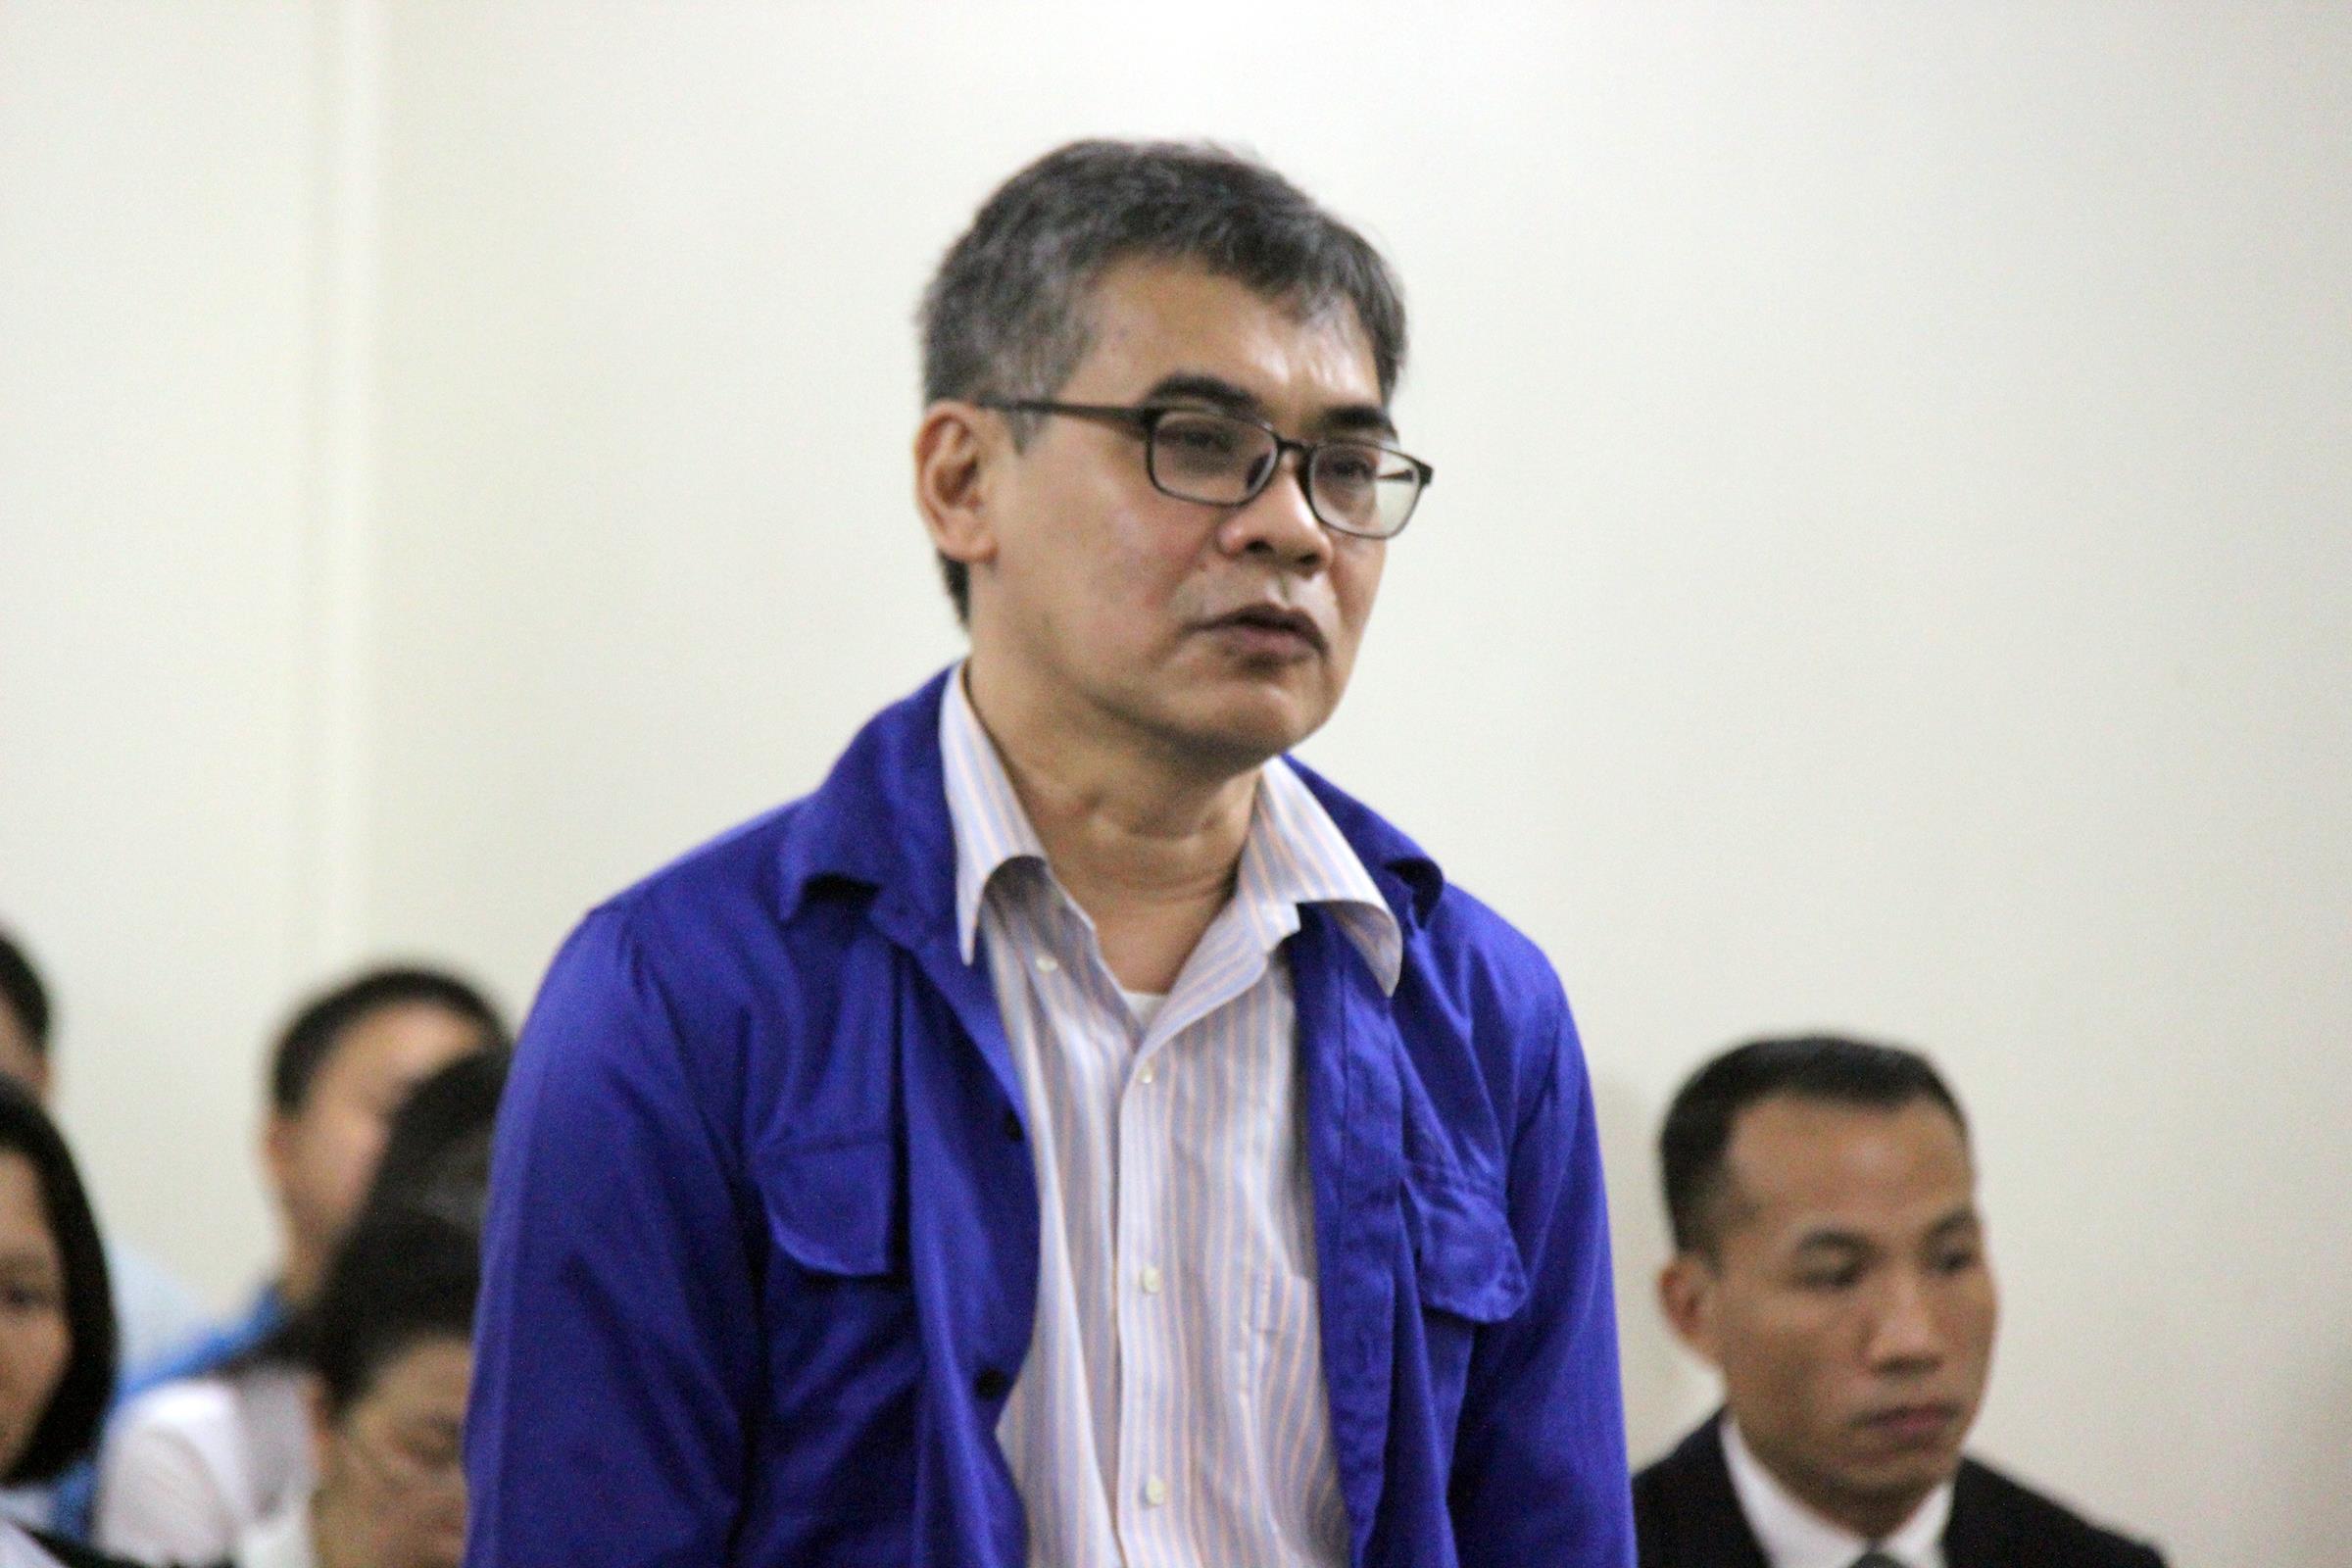 Xét xử cựu sếp Vietsovpetro: Cuộc đối chất về những phong bì tiền tỷ Ảnh 1